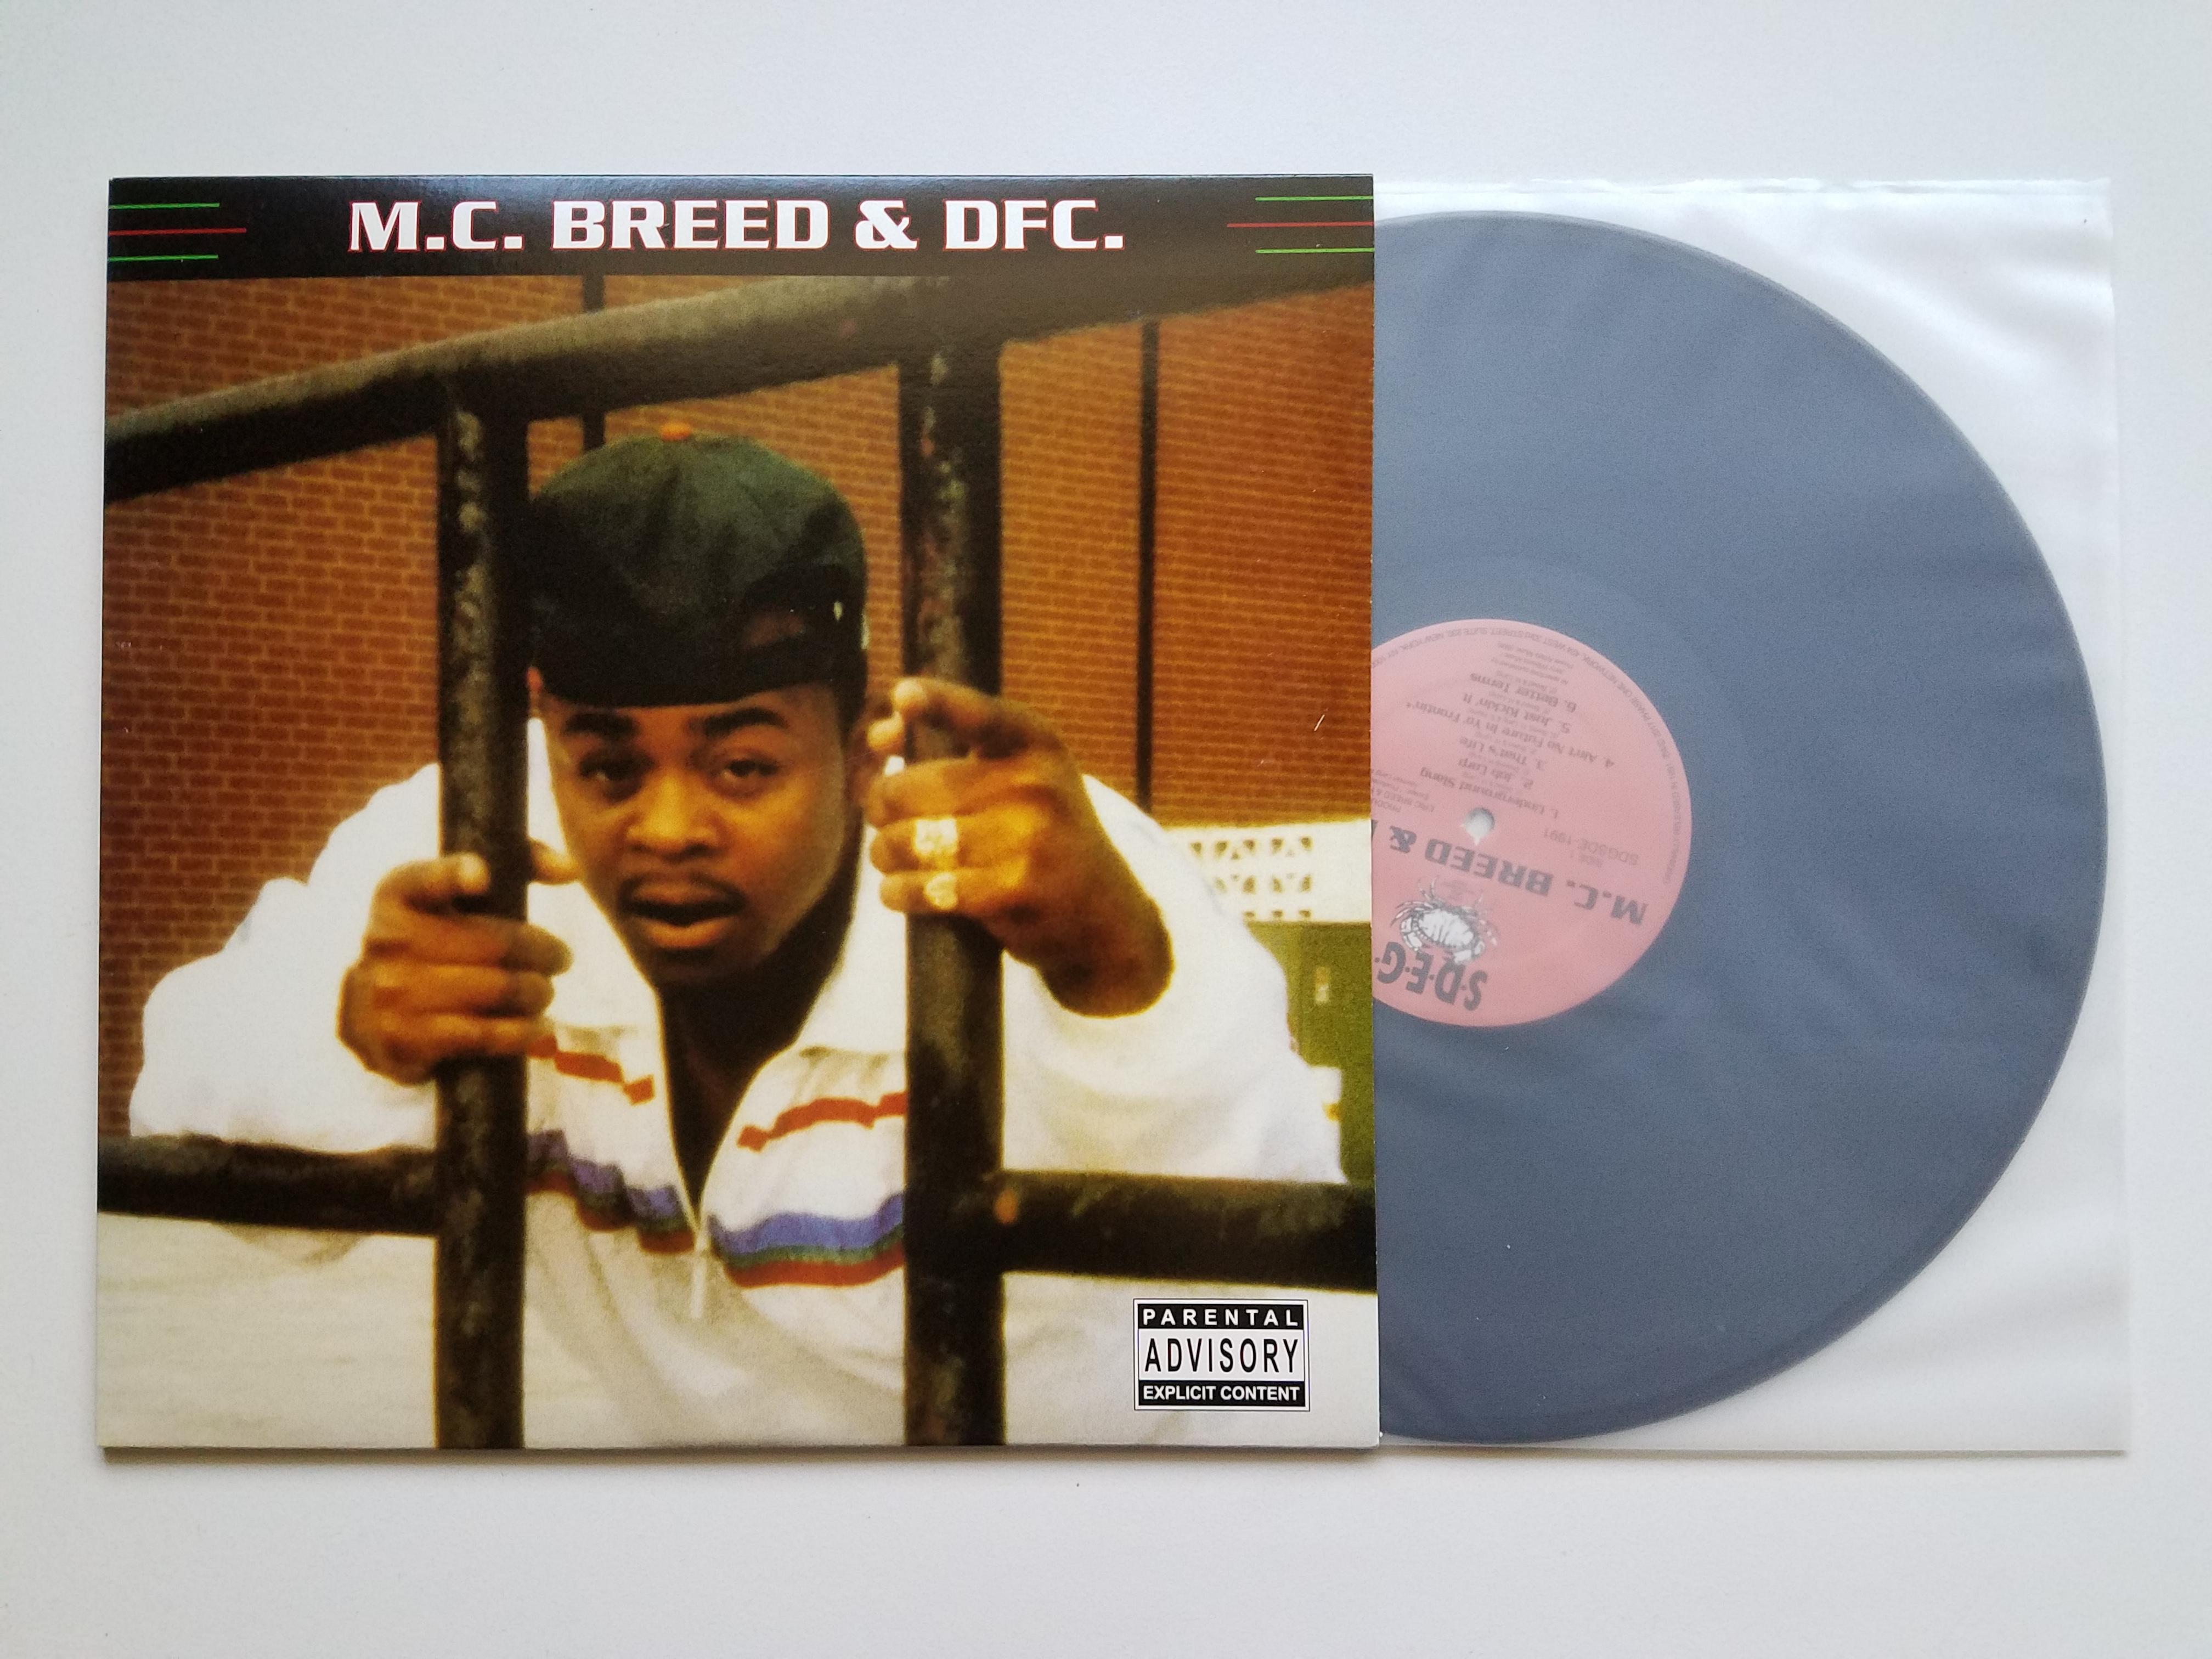 MC Breed & DFC - MC Breed & DFC LP (2018 reissue)